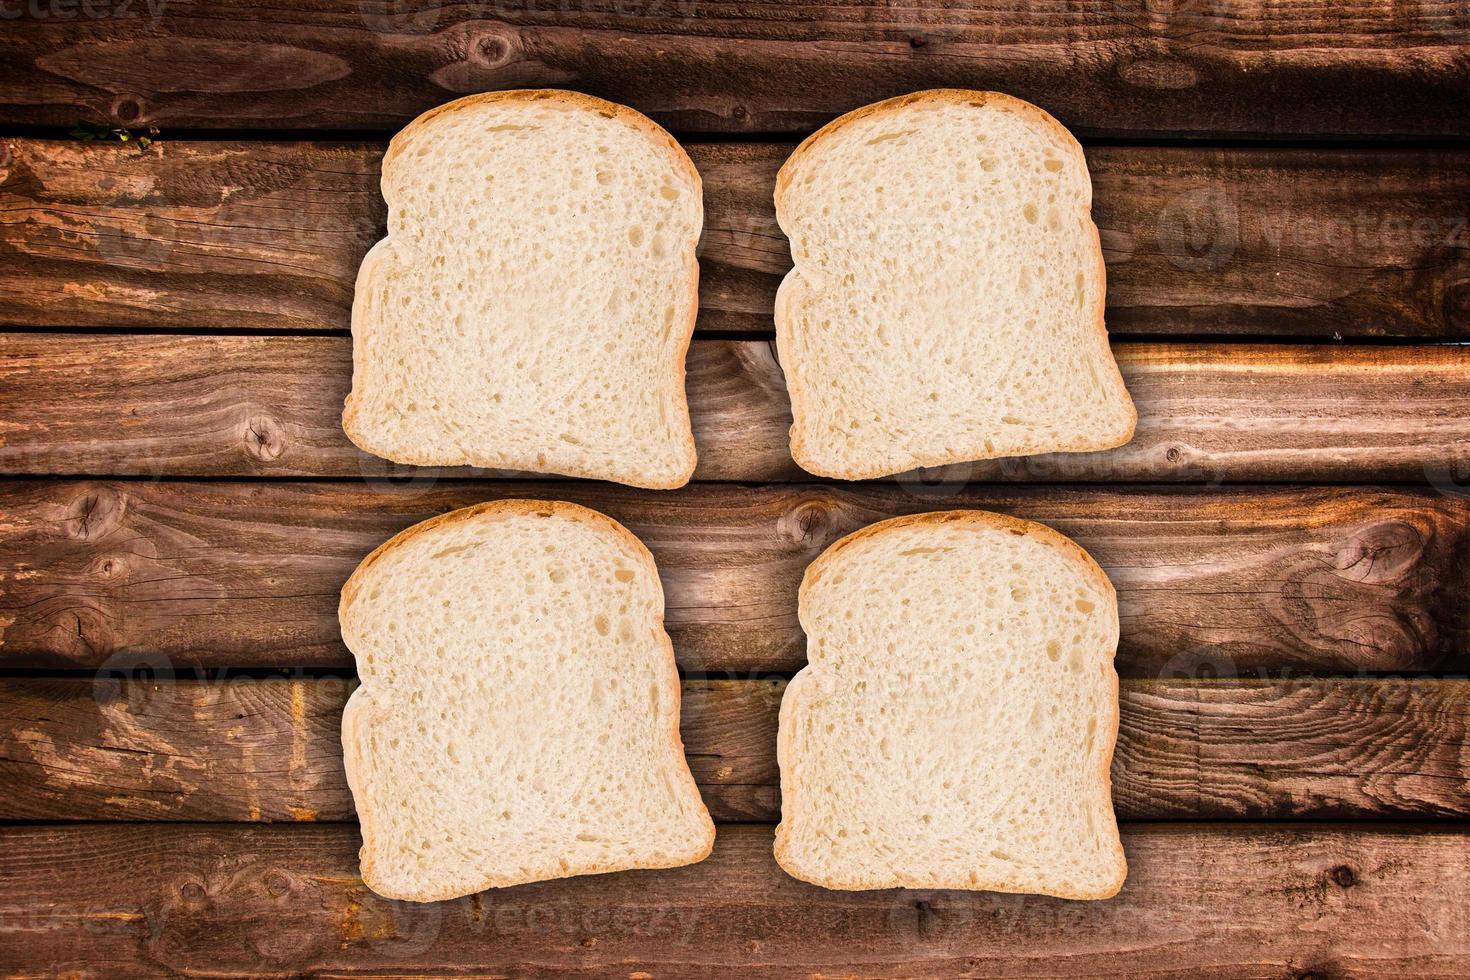 vier sneetjes brood, op houten planken achtergrond foto